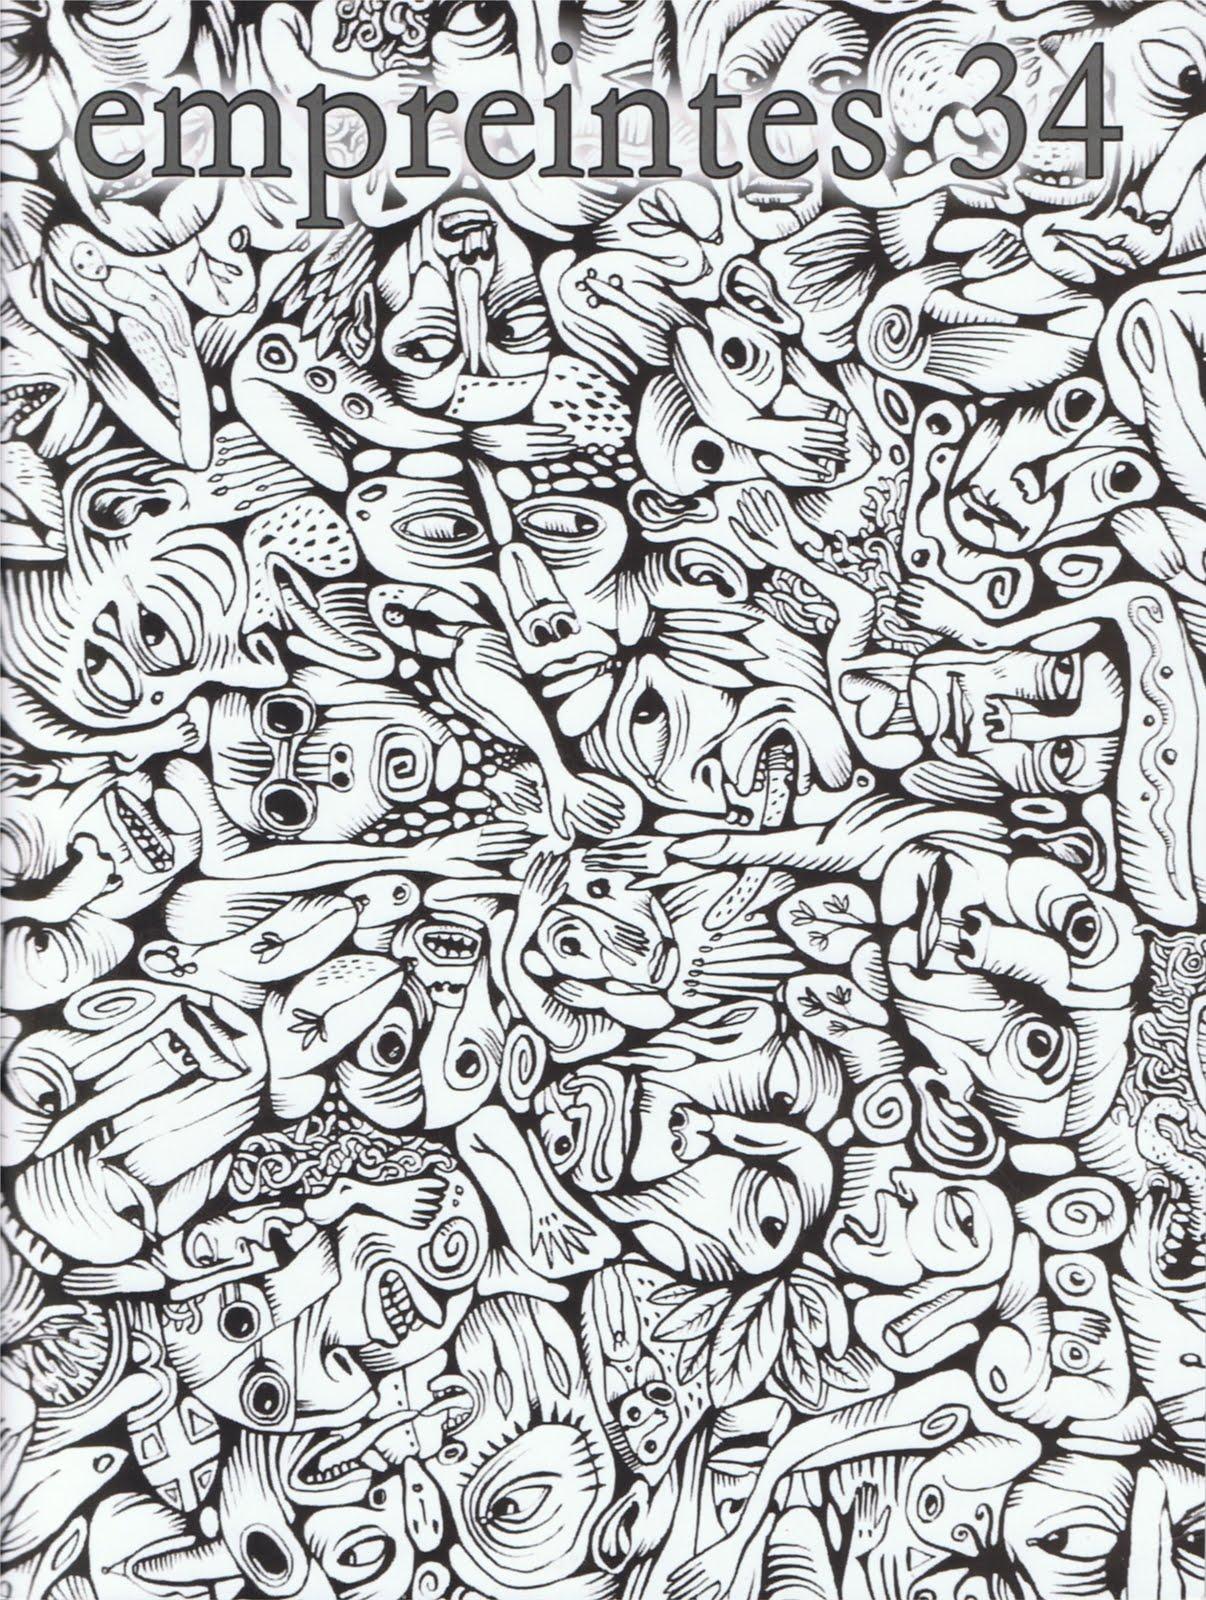 EMPREINTES N° 34, Revue d'art et de littérature, Éditions de L'Usine, Automne 2019